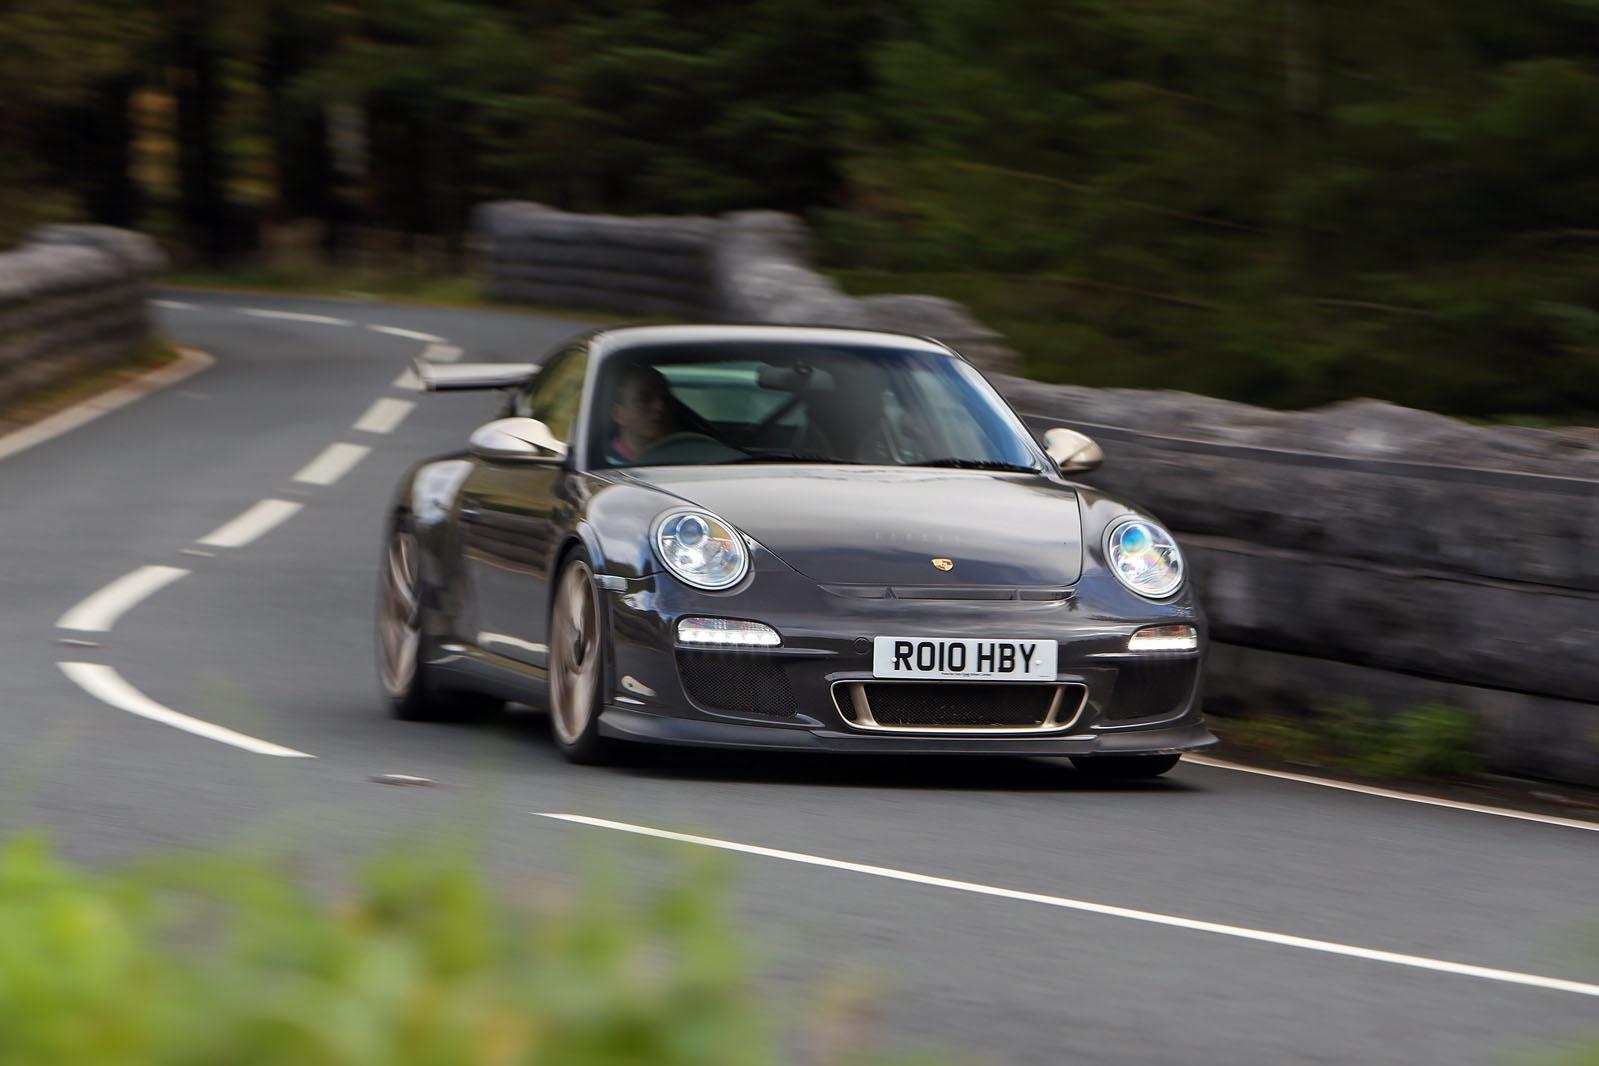 Porsche 911 gt3 rs review 2017 autocar - Porsche 911 Gt3 Rs Review 2017 Autocar 13